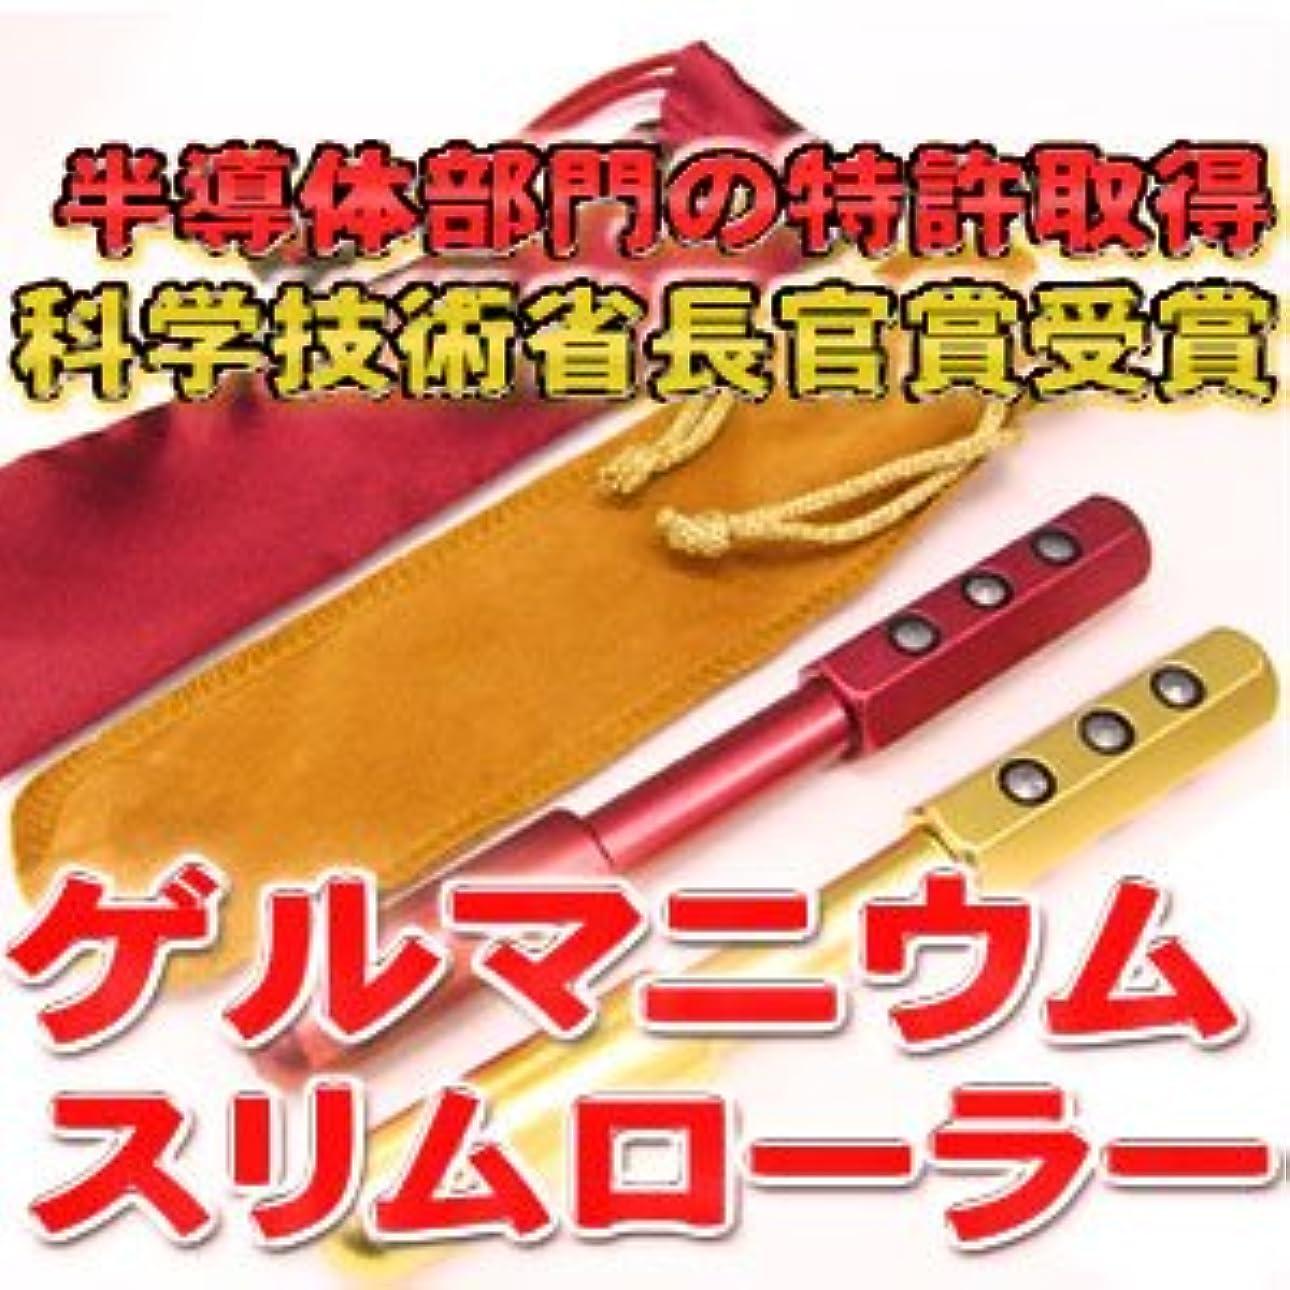 ラベンダータブレット道徳ゲルマニウムスリムローラー (半導体ビューティーローラー)(フェイスバージョン) ピンク